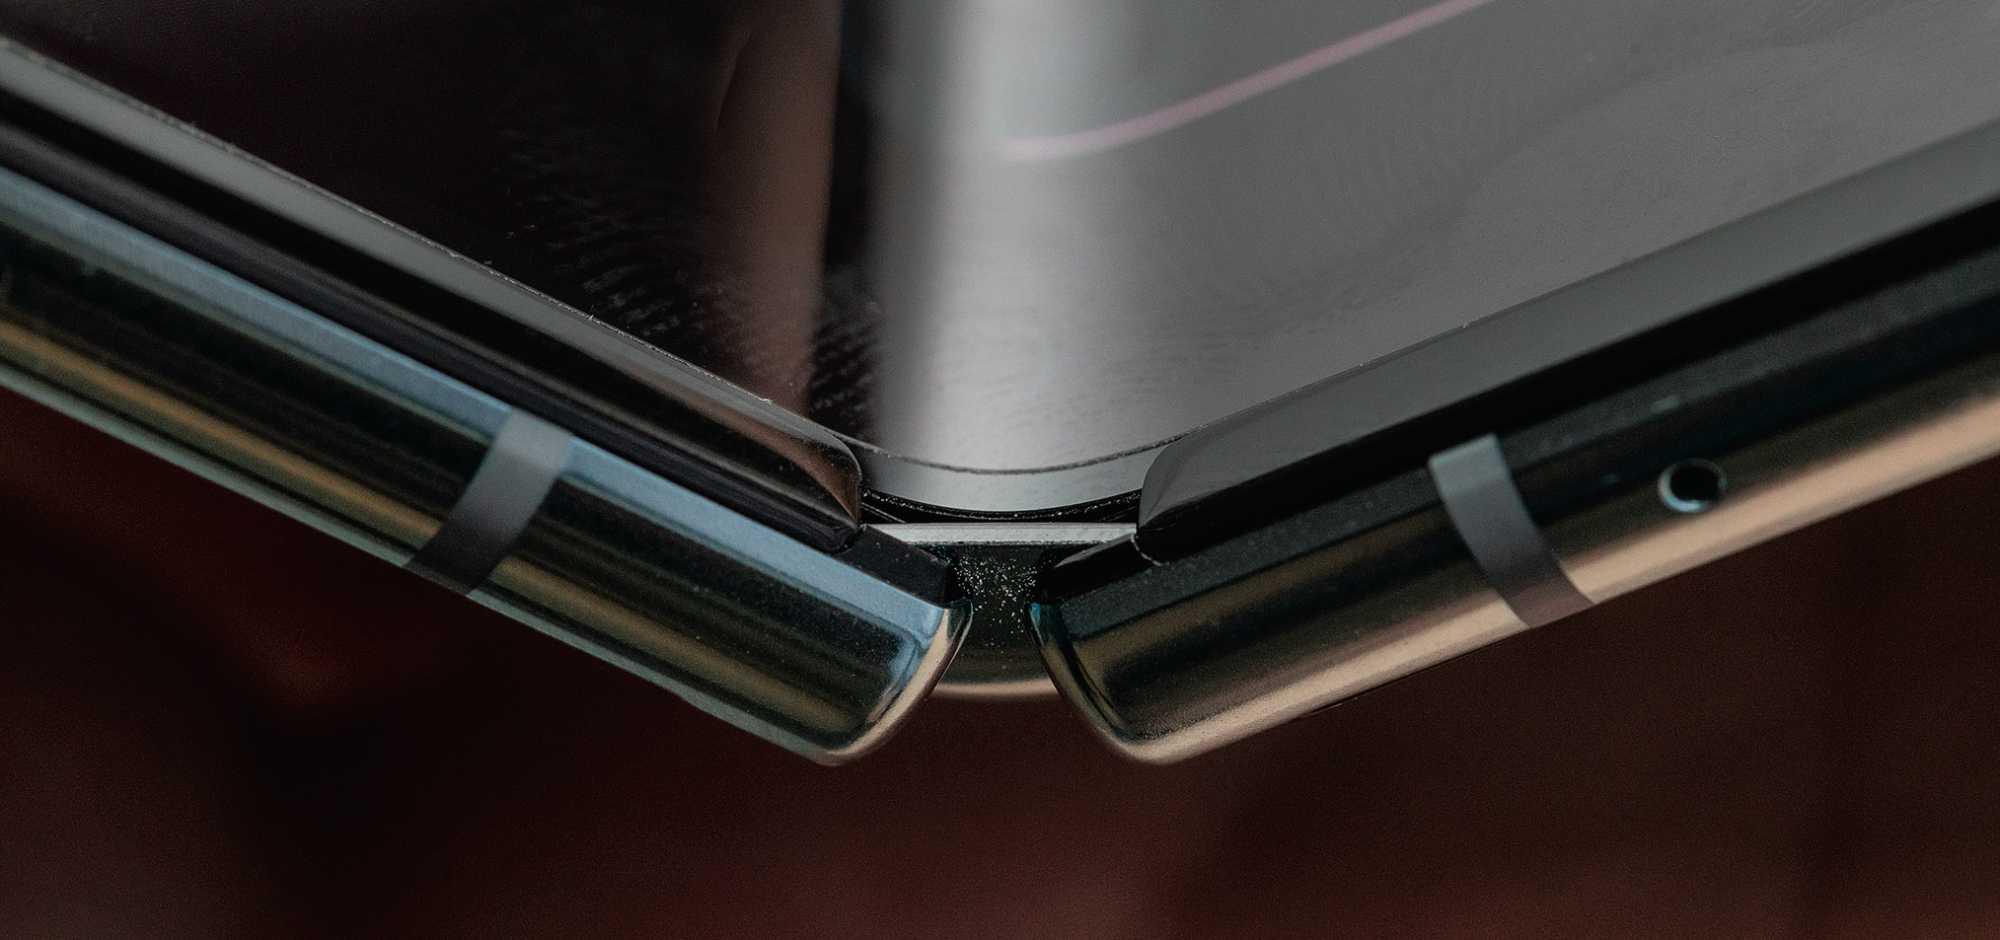 Durch die ungeschützten Öffnungen am Scharnier können Schmutz und kleine Teile ins Galaxy Fold dringen und sich zwischen Scharnier und Display schieben.